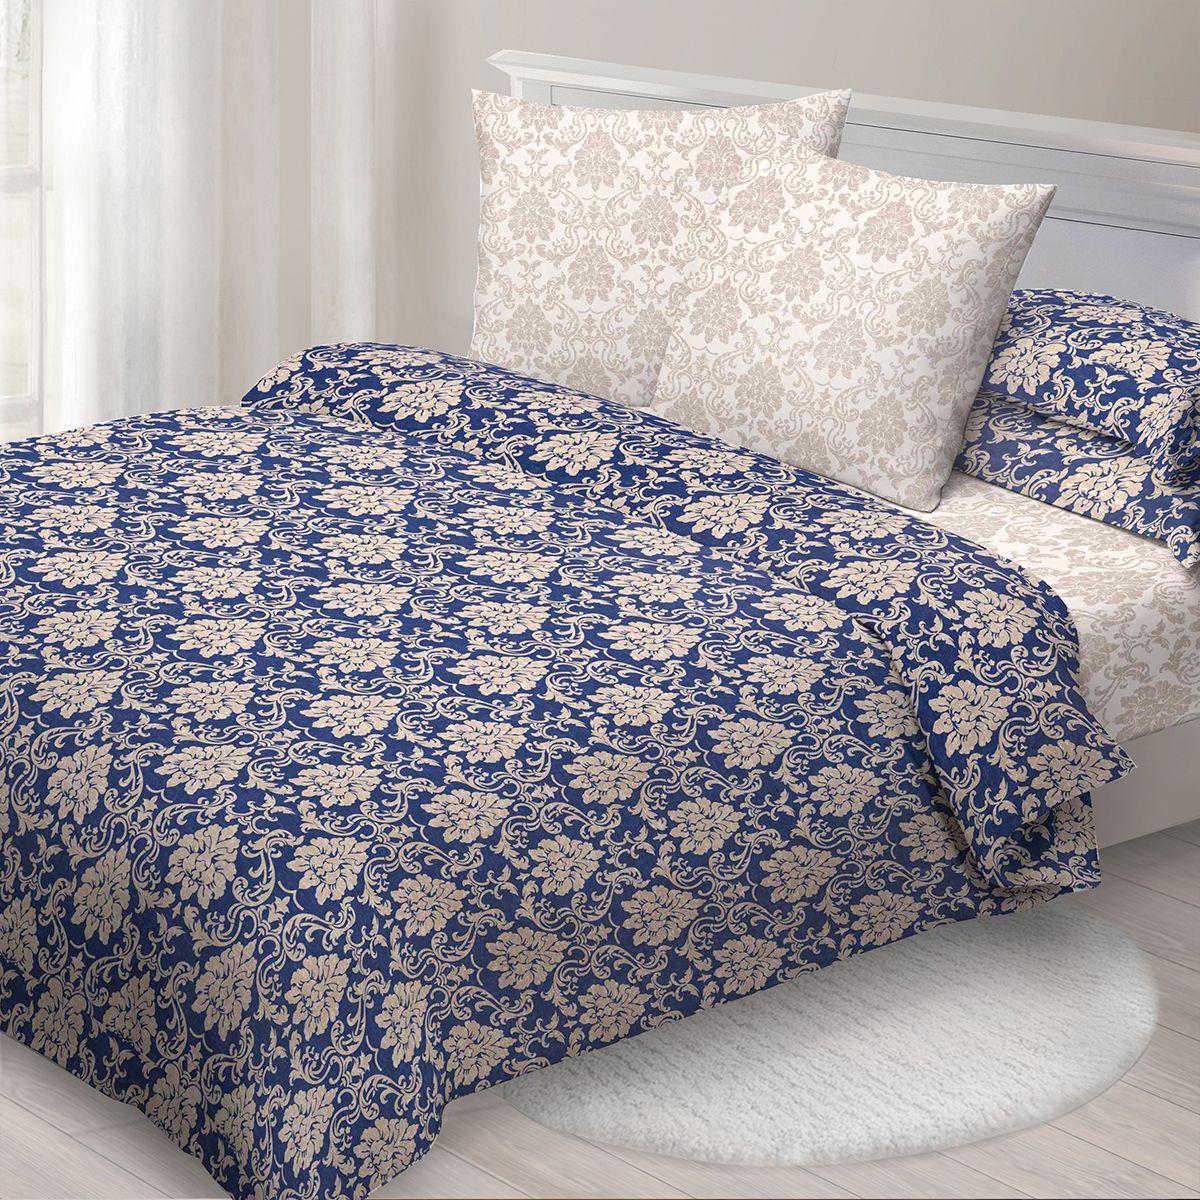 Комплект белья Спал Спалыч Лацио, 2-спальное, наволочки 70x70, цвет: синий91316Спал Спалыч - недорогое, но качественное постельное белье из белорусской бязи. Актуальные дизайны, авторская упаковка в сочетании с качественными материалами и приемлемой ценой - залог успеха Спал Спалыча! В ассортименте широкая линейка домашнего текстиля для всей семьи - современные дизайны современному покупателю! Ткань обработана по технологии PERFECT WAY - благодаря чему, она становится более гладкой и шелковистой. • Бязь Барановичи 100% хлопок • Плотность ткани - 125 гр/кв.м.